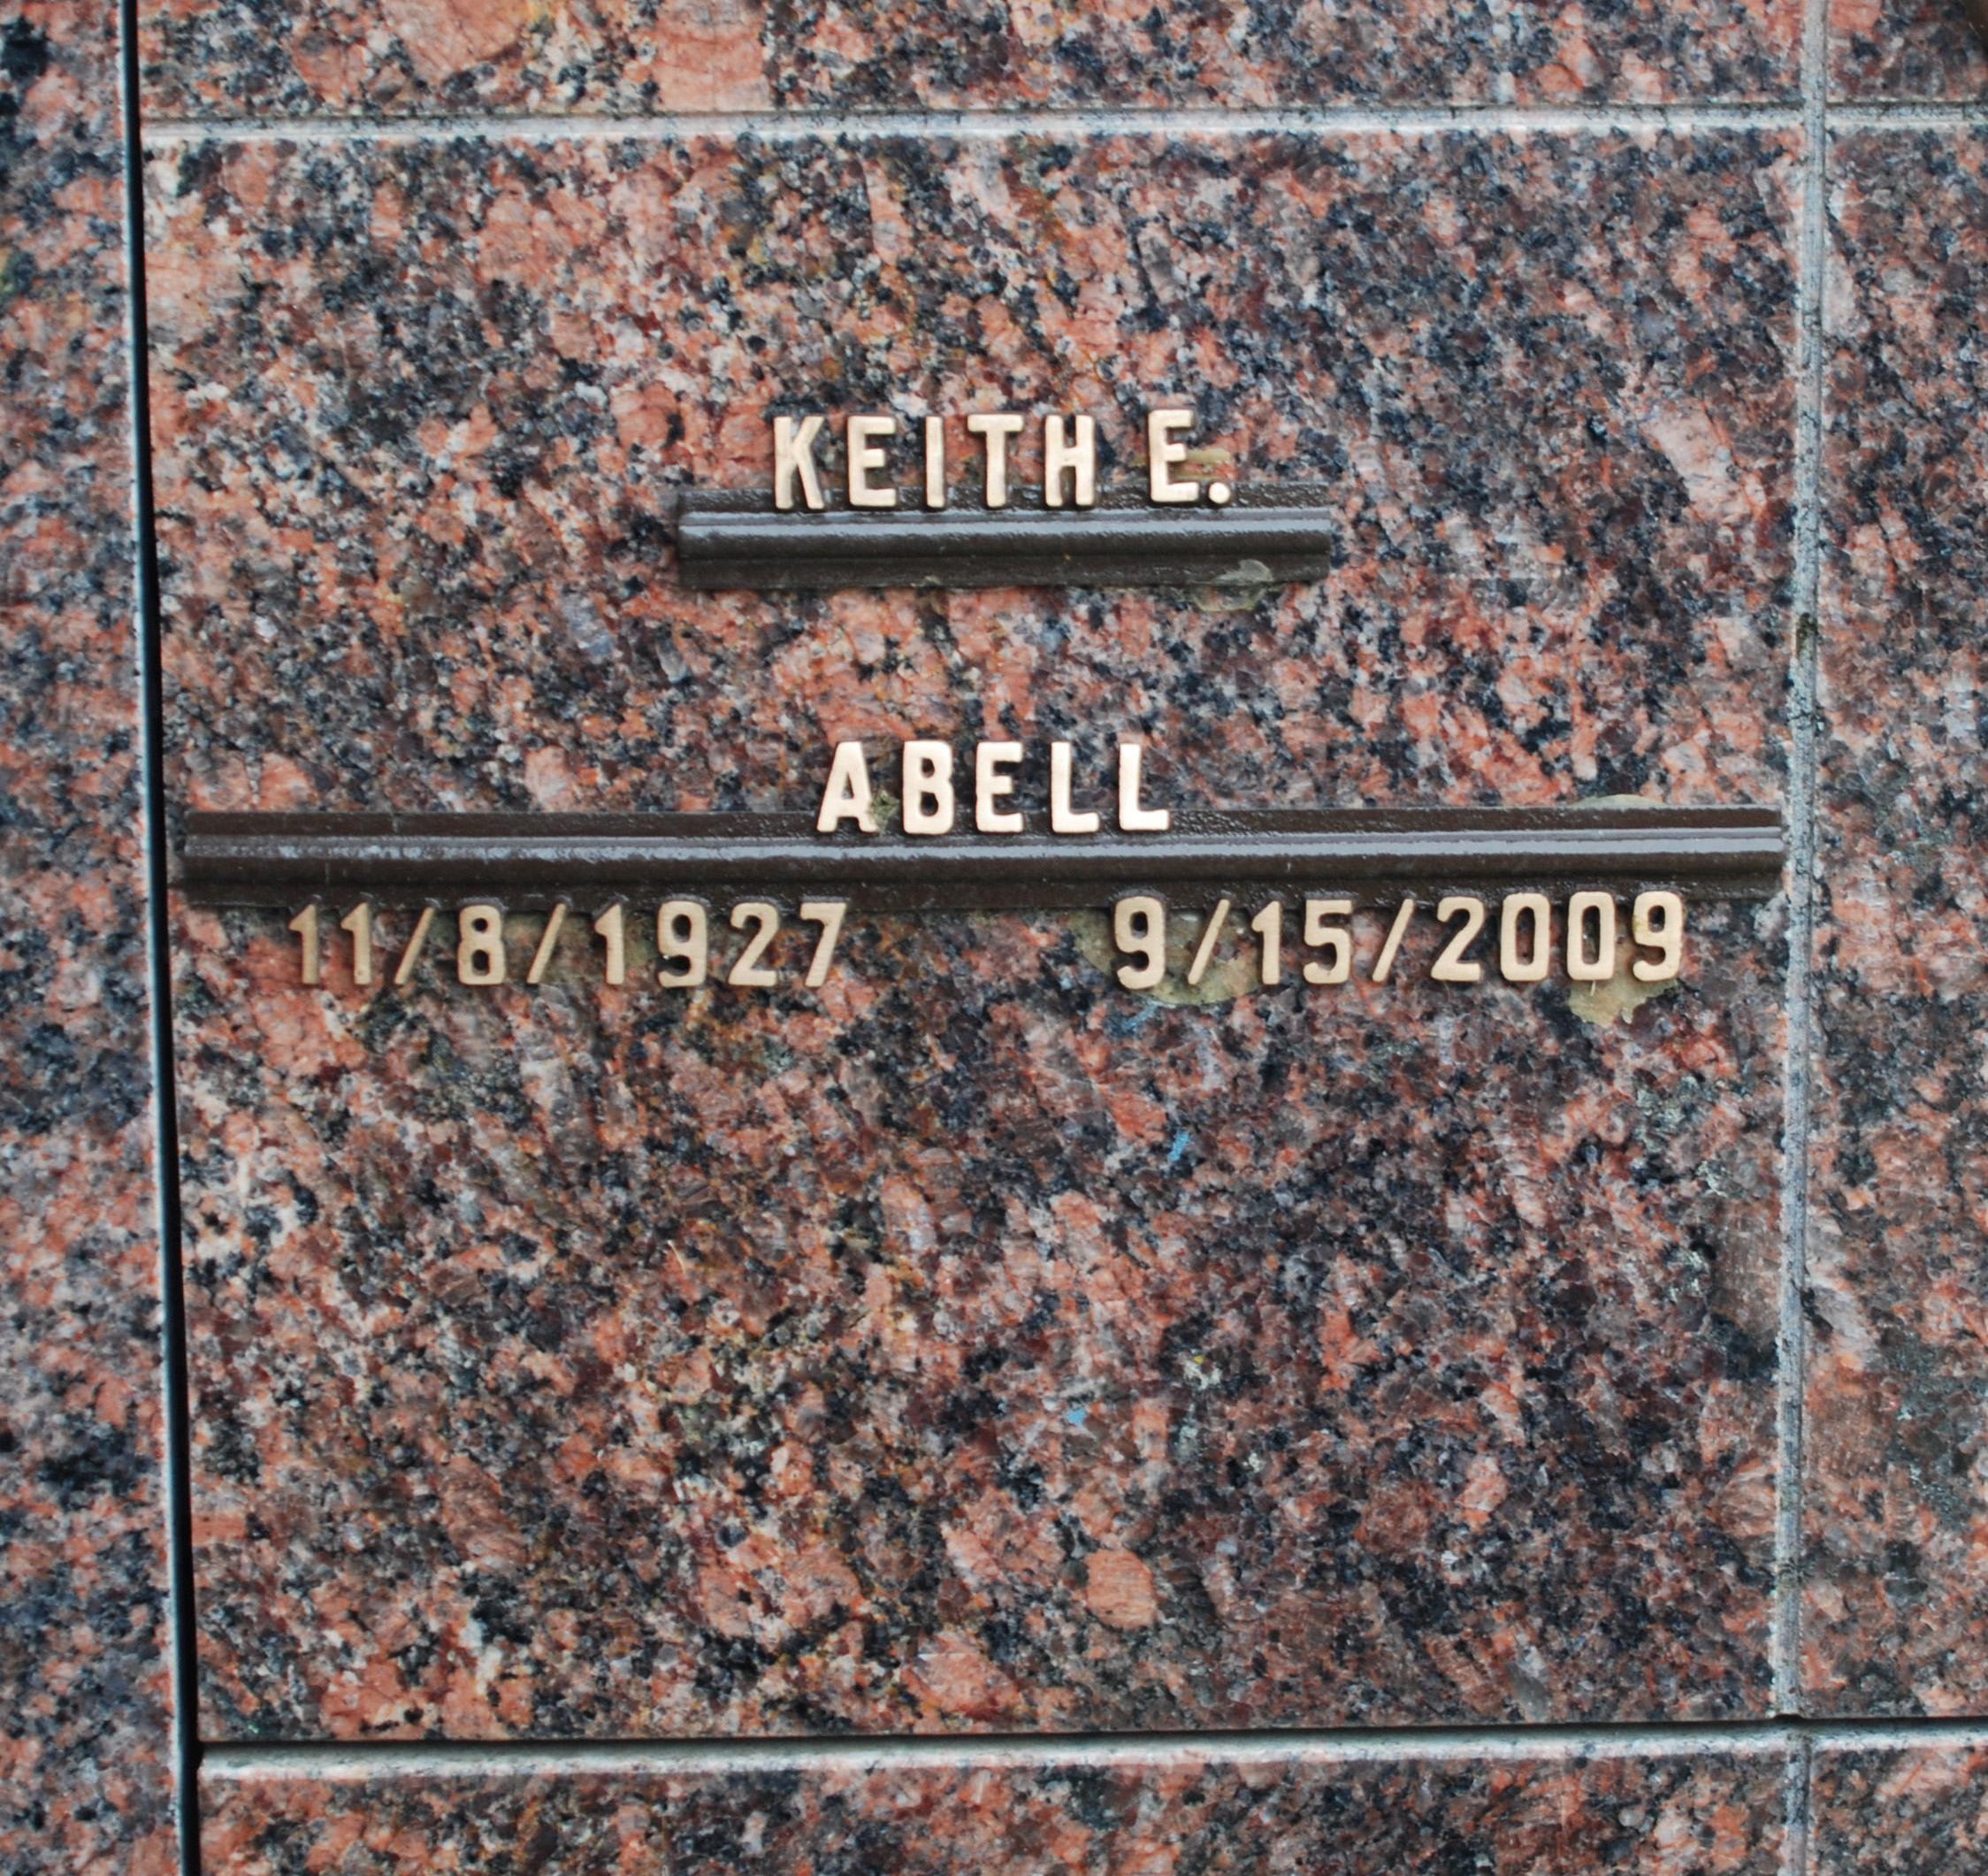 Keith E Abell